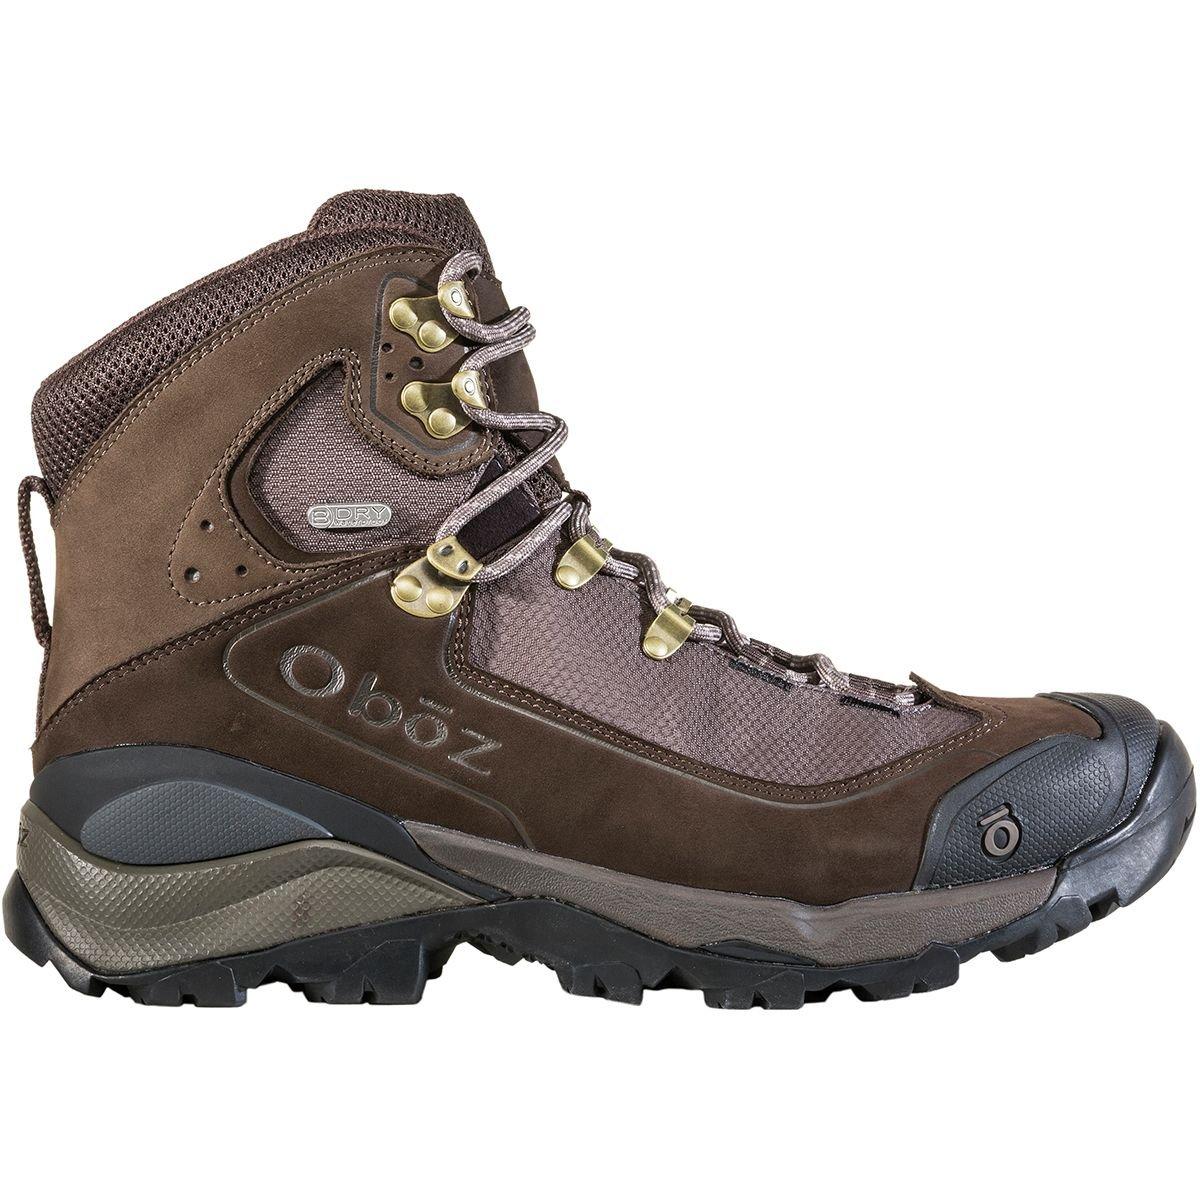 Oboz Men's Wind River III Waterproof Boot B074RM7144 8 D US|Bark Brown